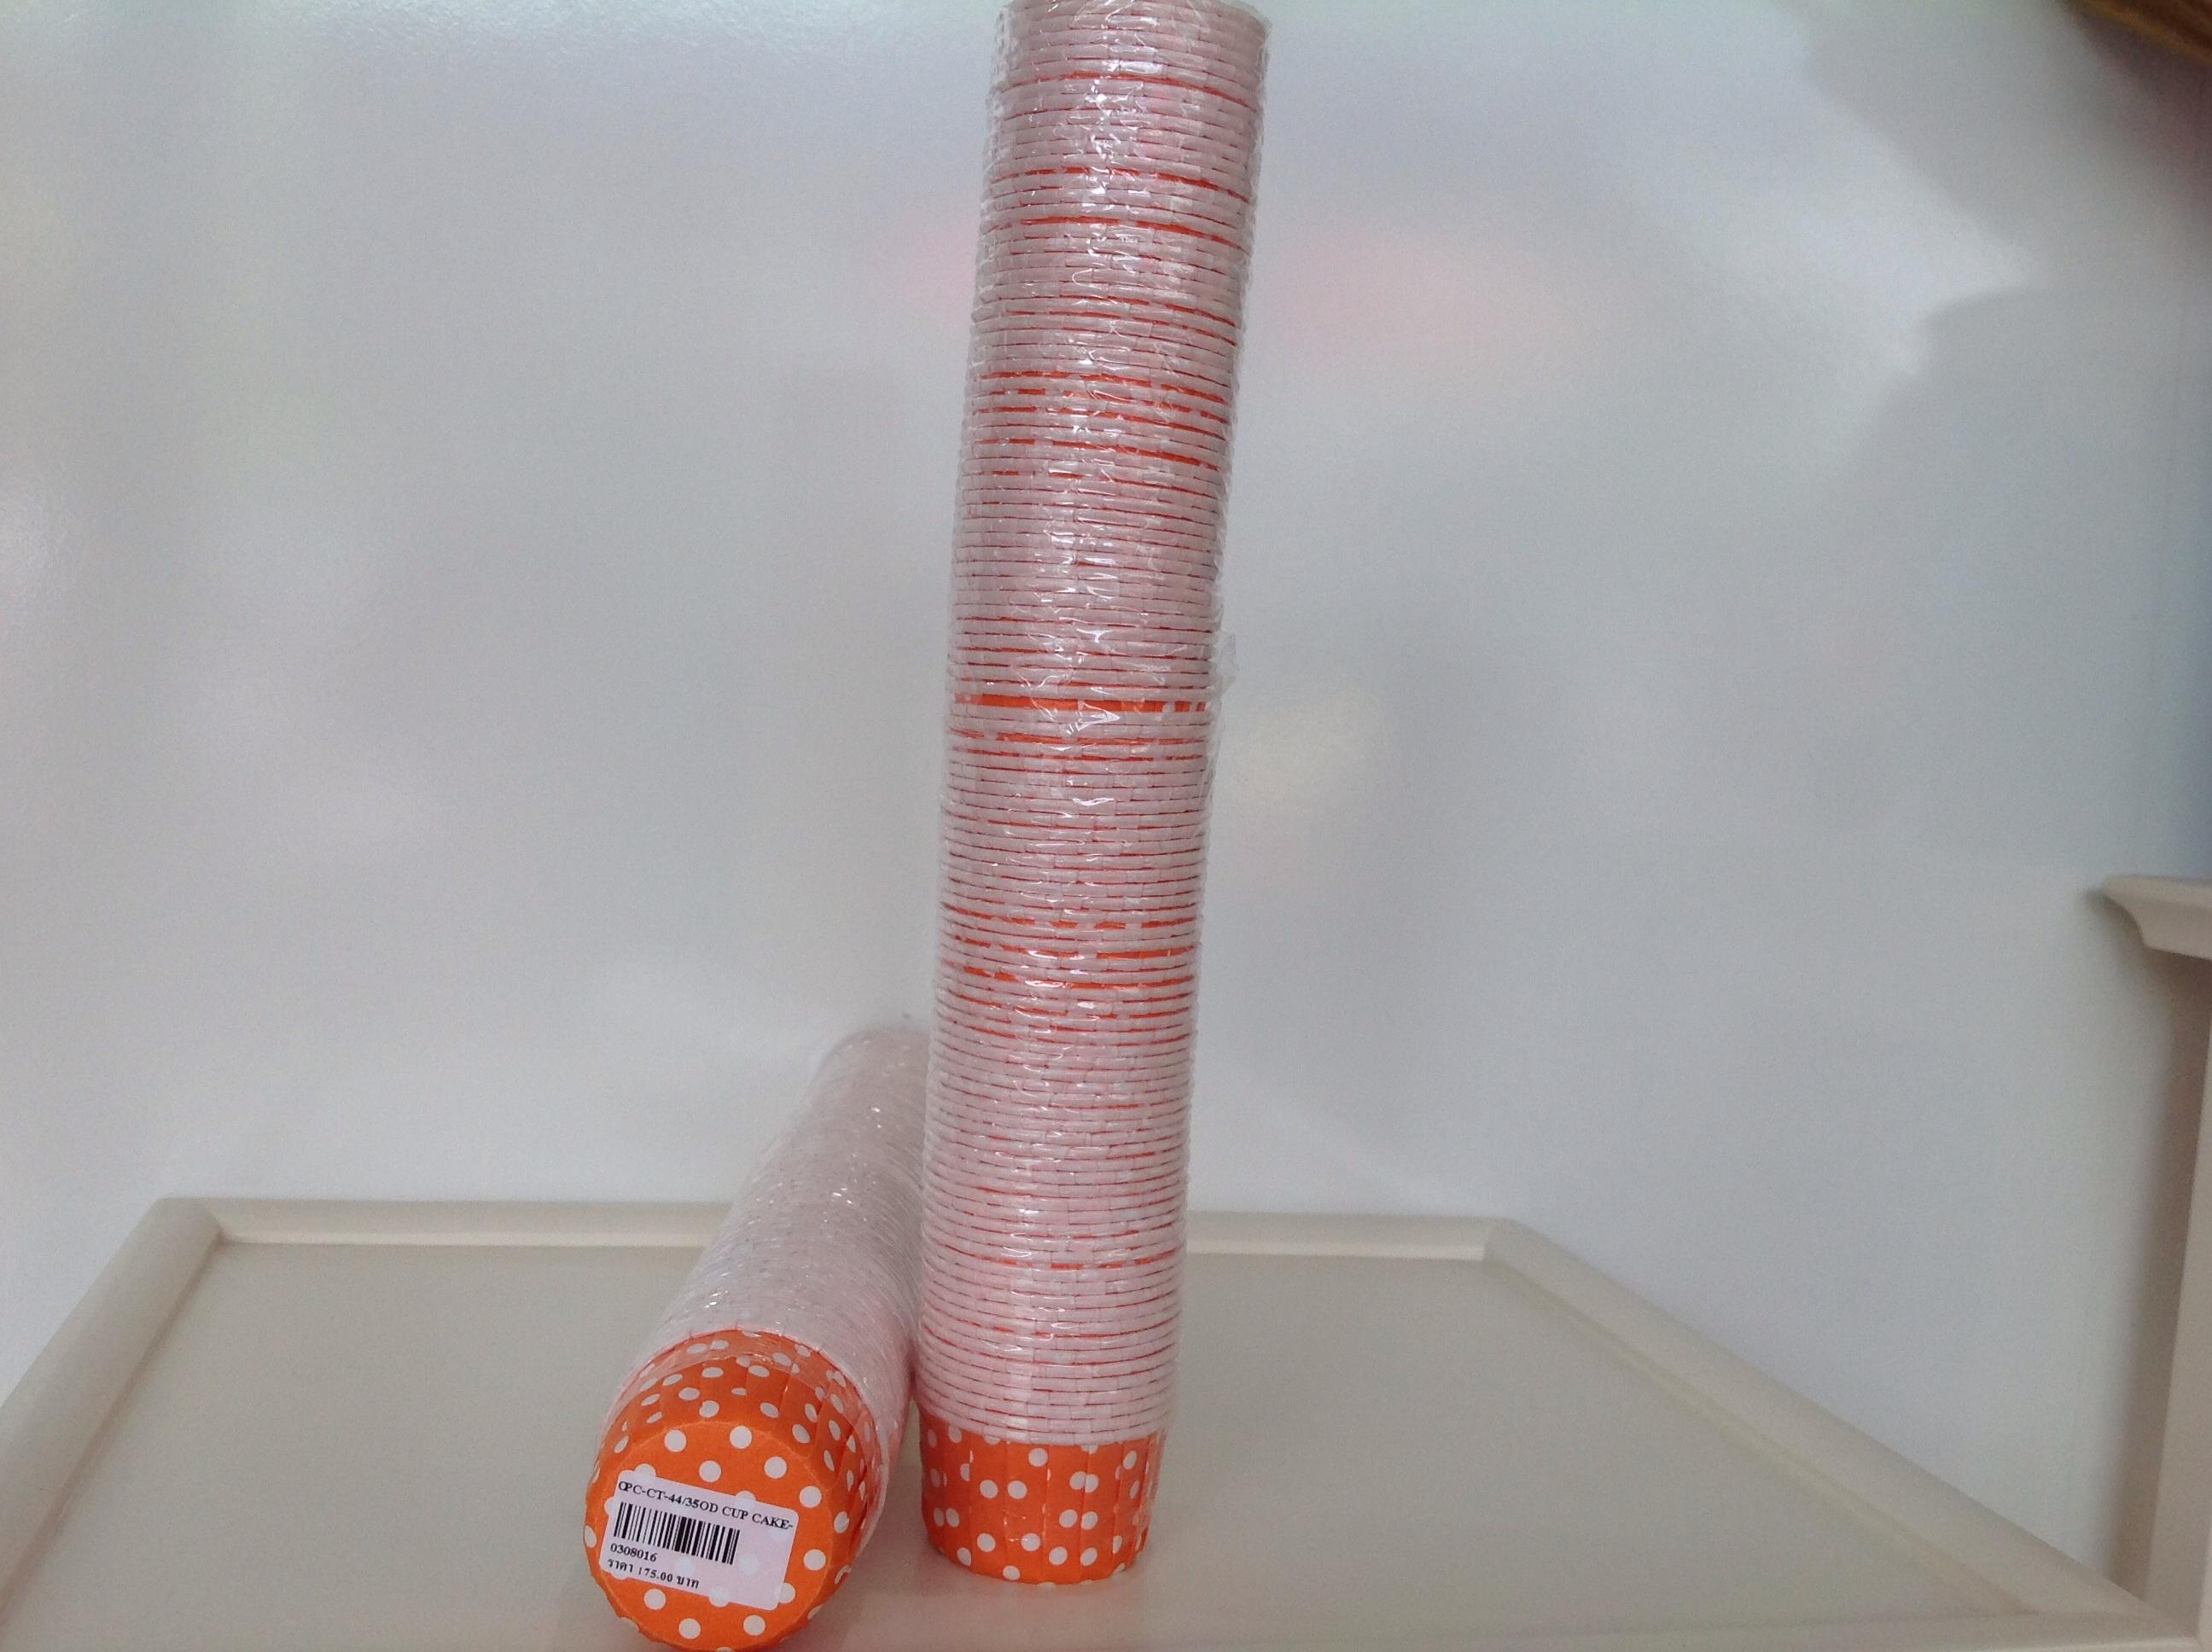 PC-CT-44/35OD Cup cake orange dot (ส้มจุด) กว้าง 6 ซม.สูง 3.5 ซม.